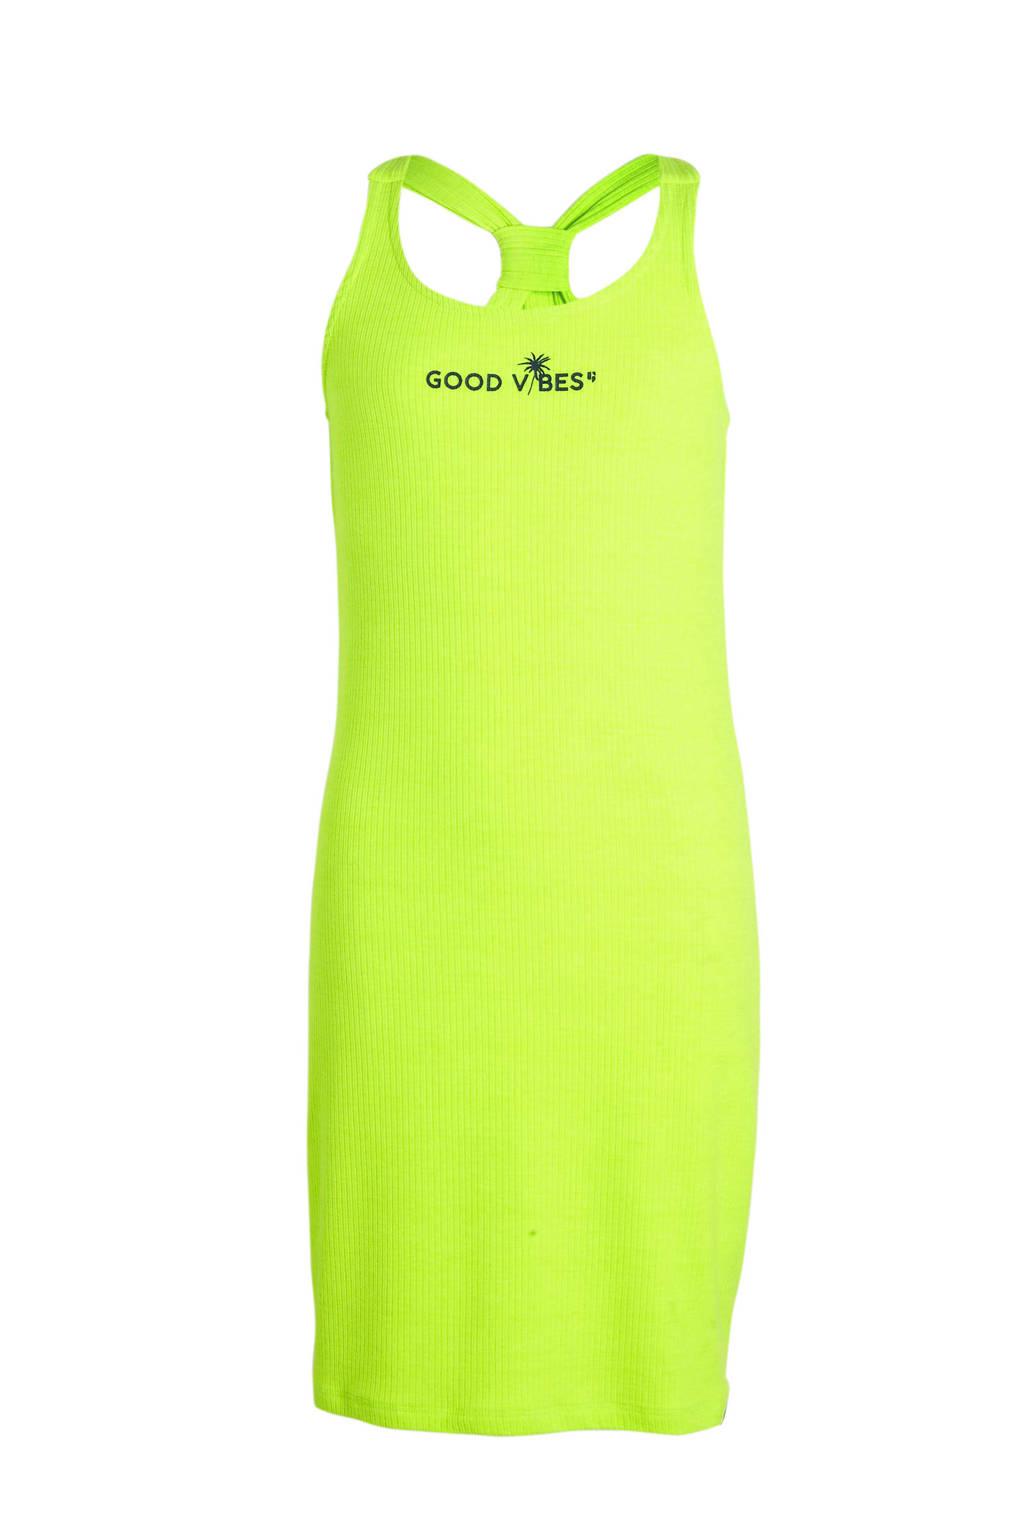 Garcia jersey jurk met tekst neon geel, Neon geel